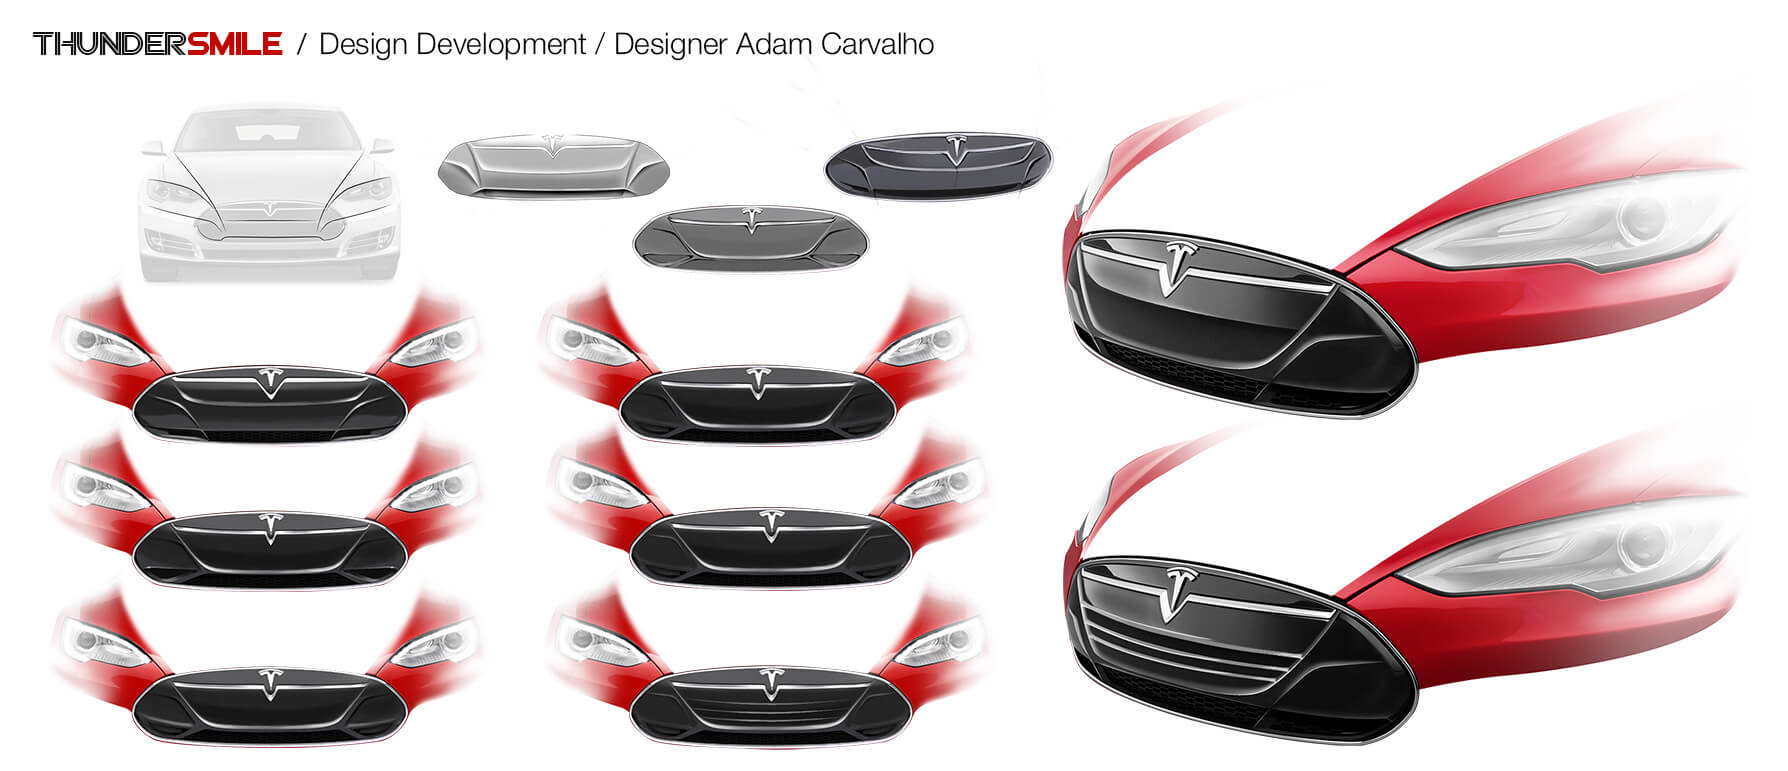 thundersmile-design-development-adam